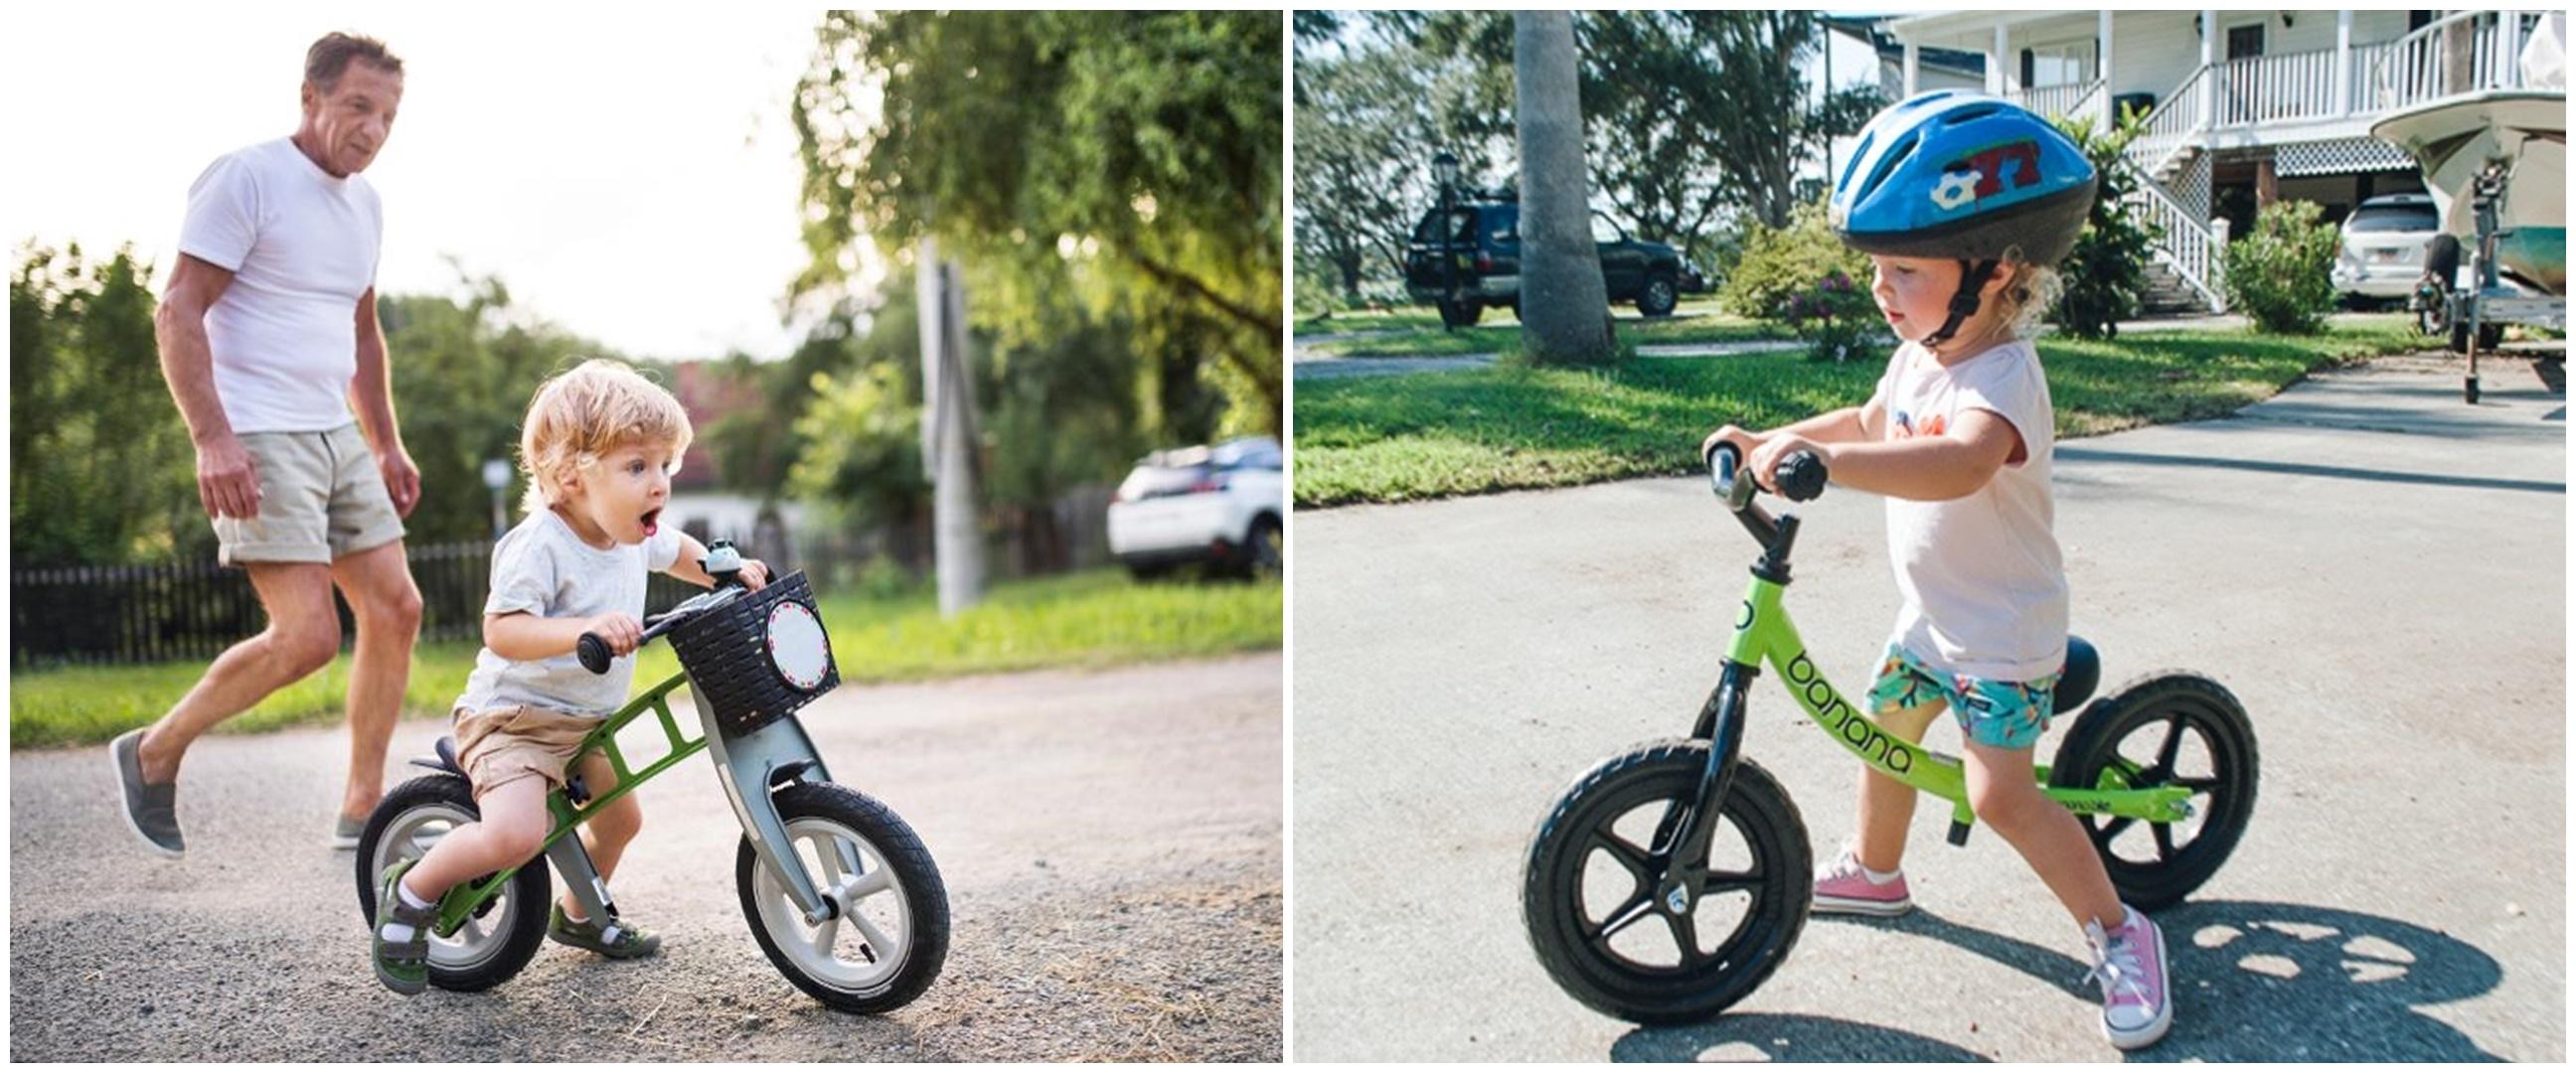 Harga sepeda anak tanpa pedal, lengkap dengan jenis & manfaatnya